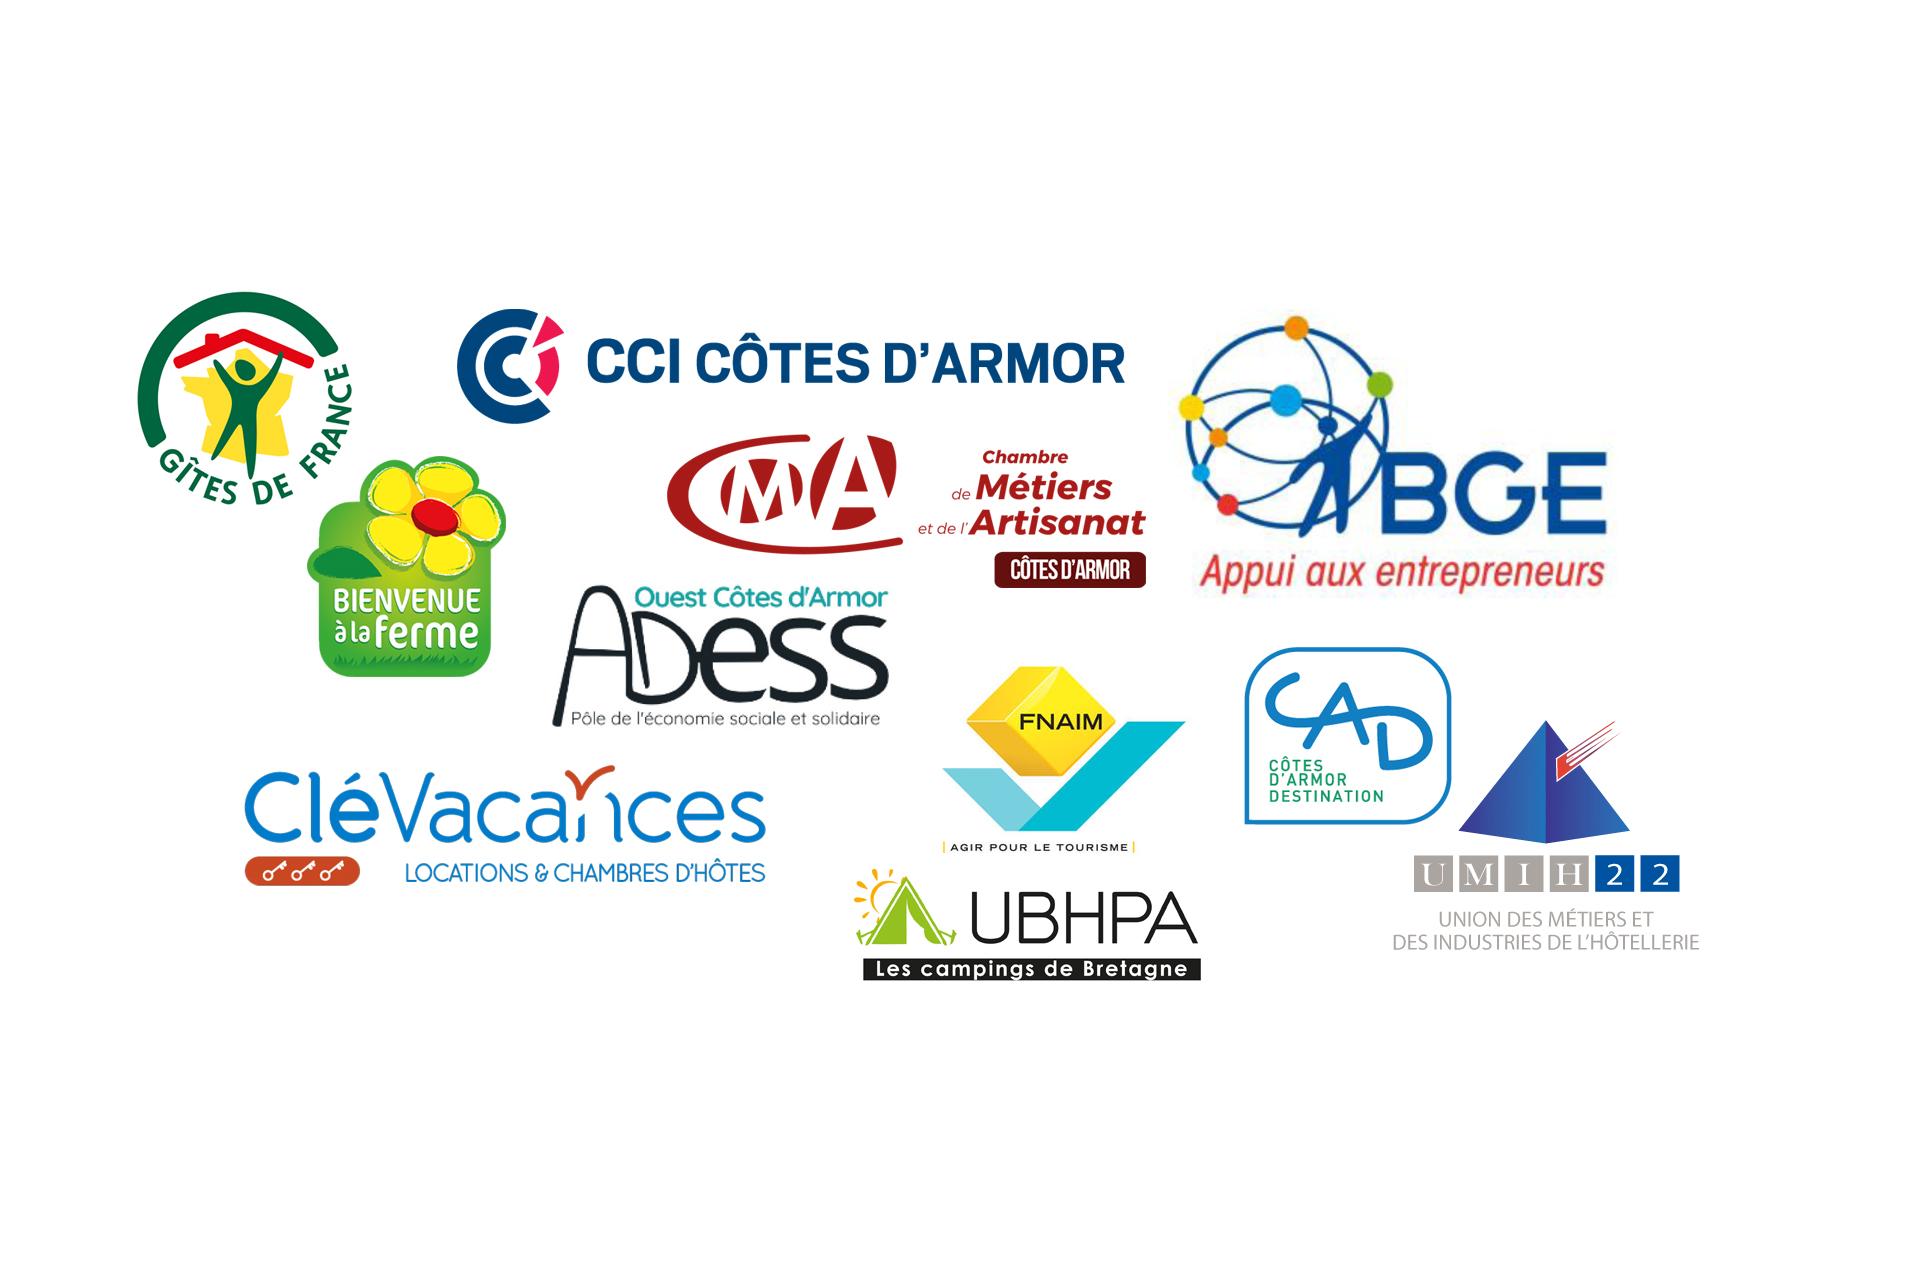 Les organismes d'appui aux projets touristique en Côtes d'Armor